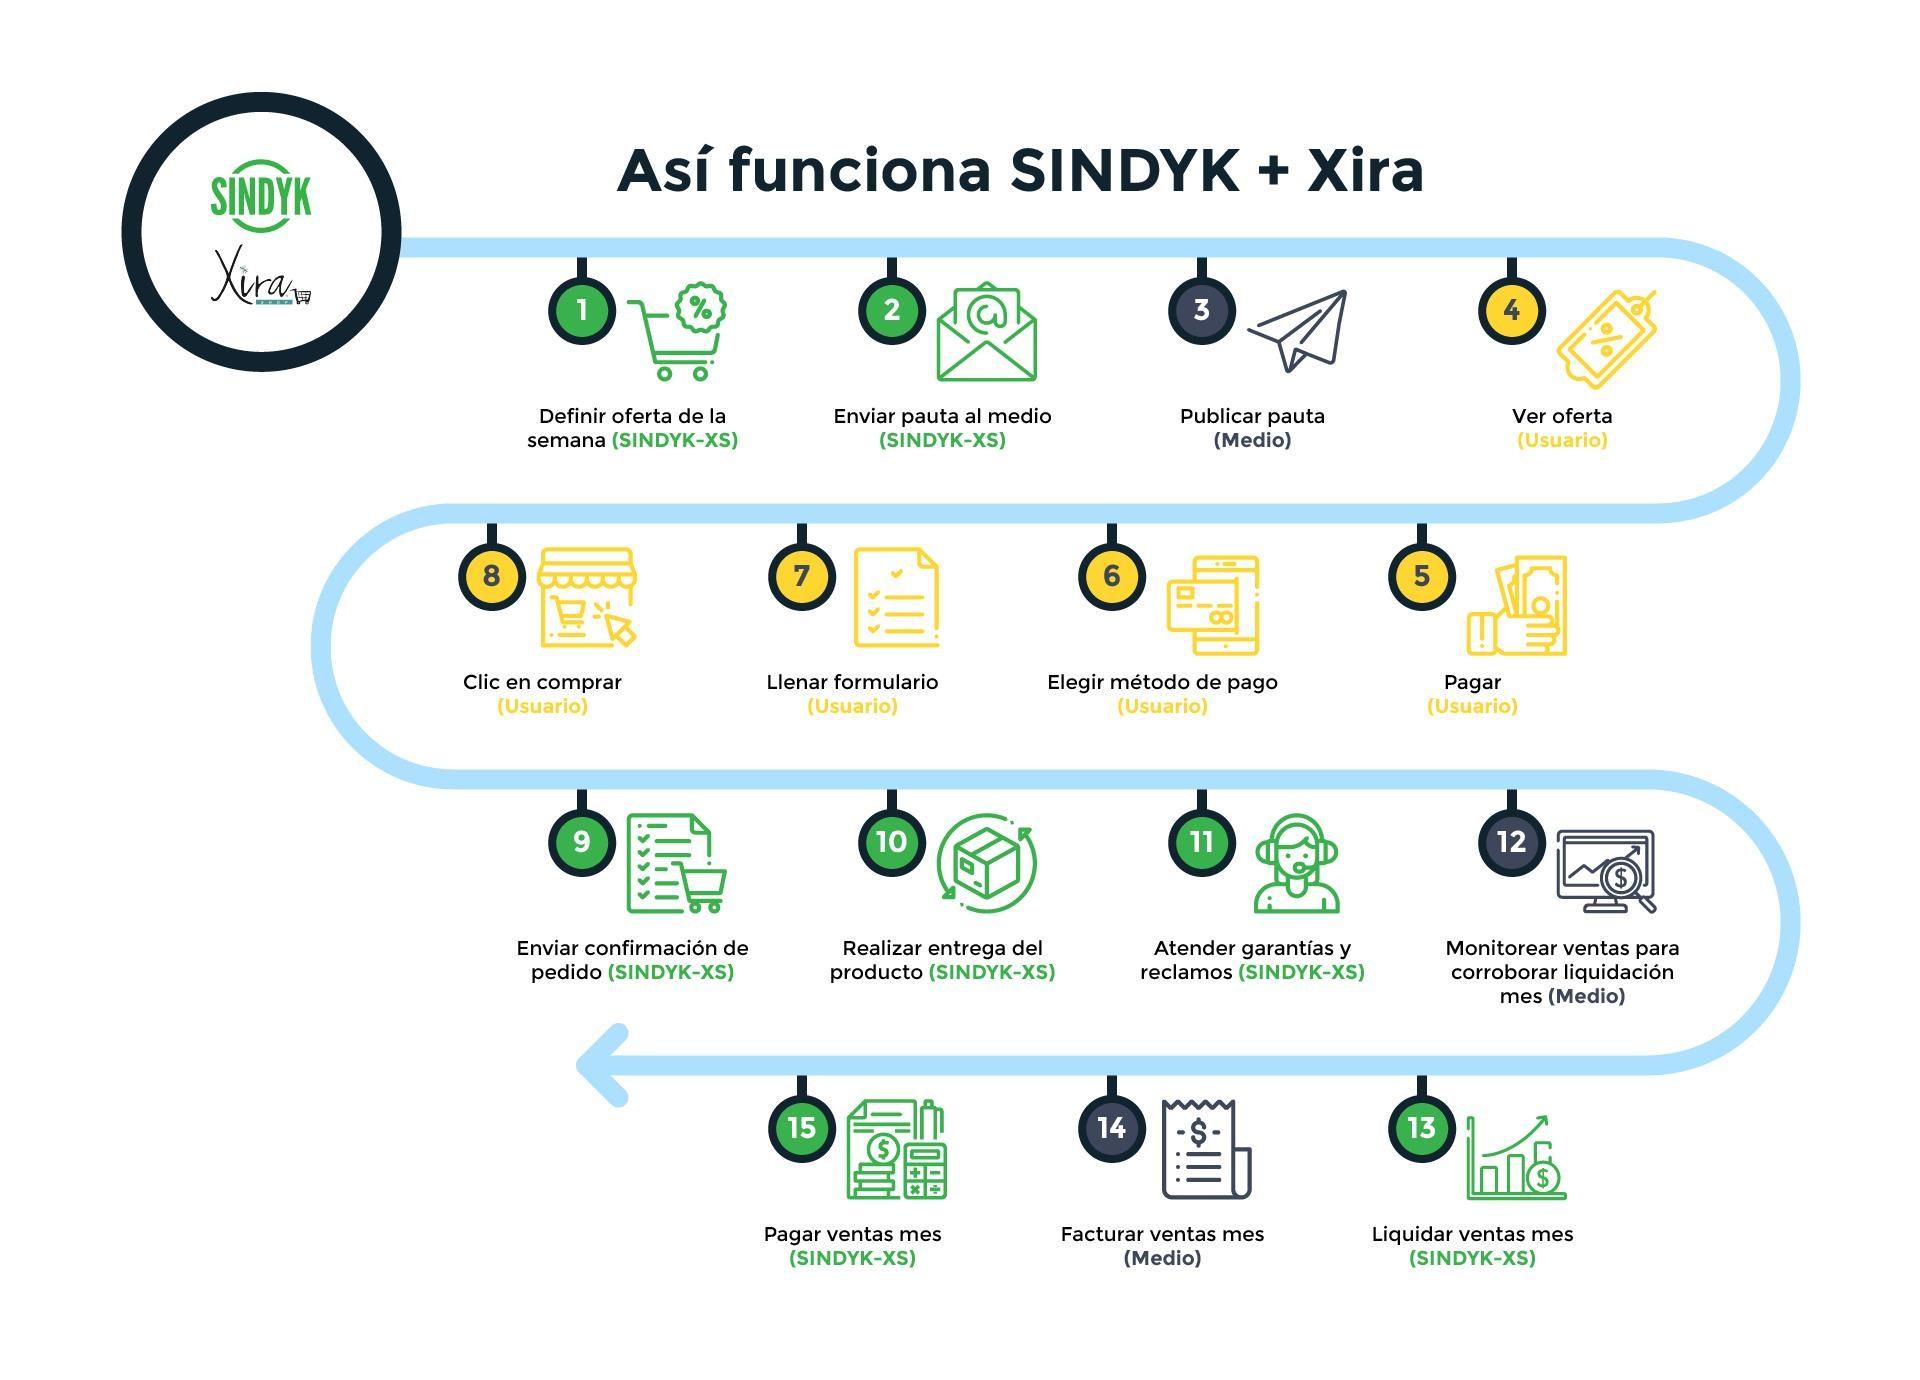 Sindyk+Xira